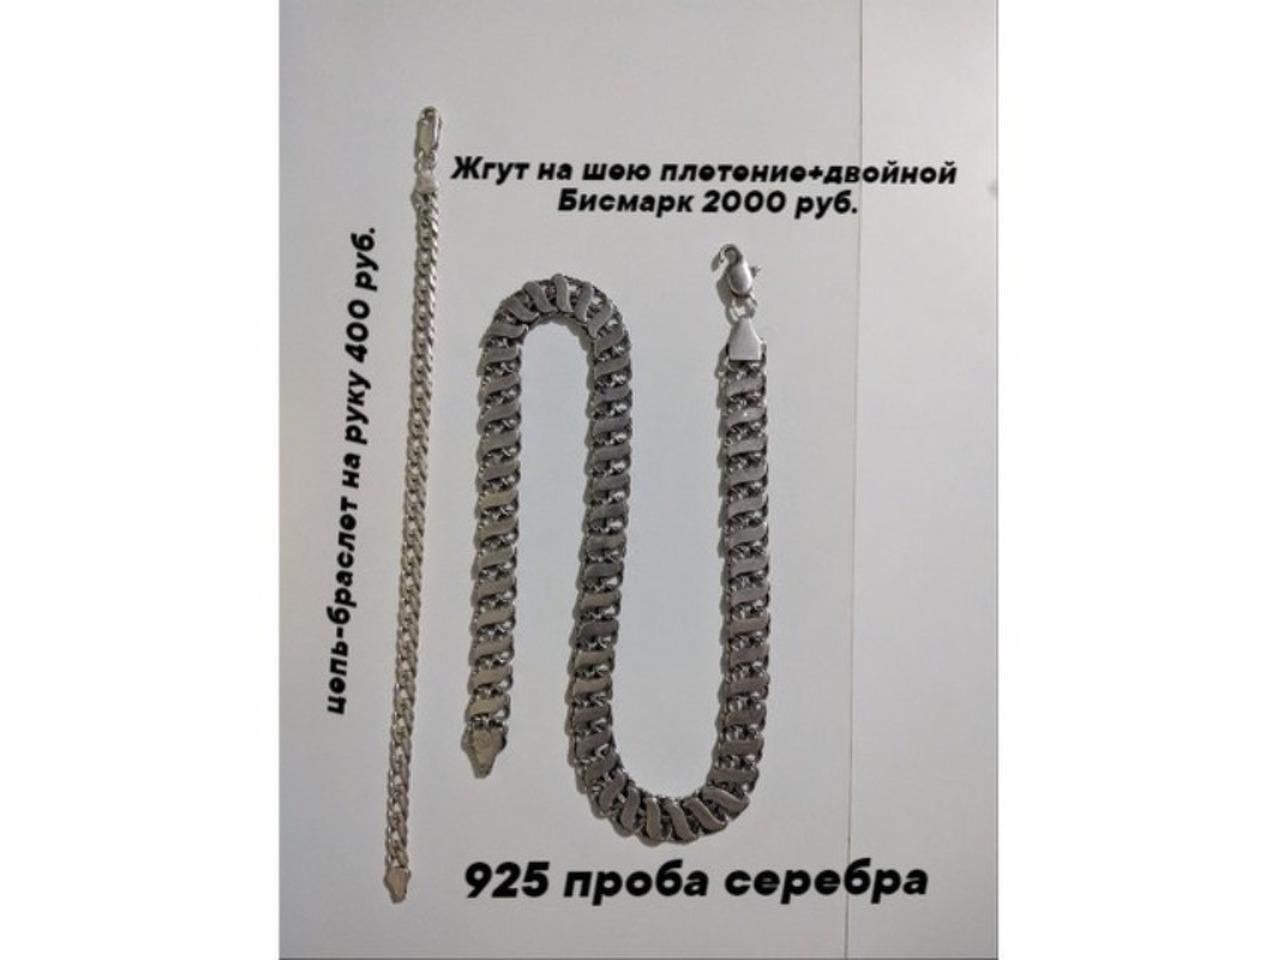 СОВЕТСКОЕ СЕРЕБРО 925 ПРОБЫ - 10/15